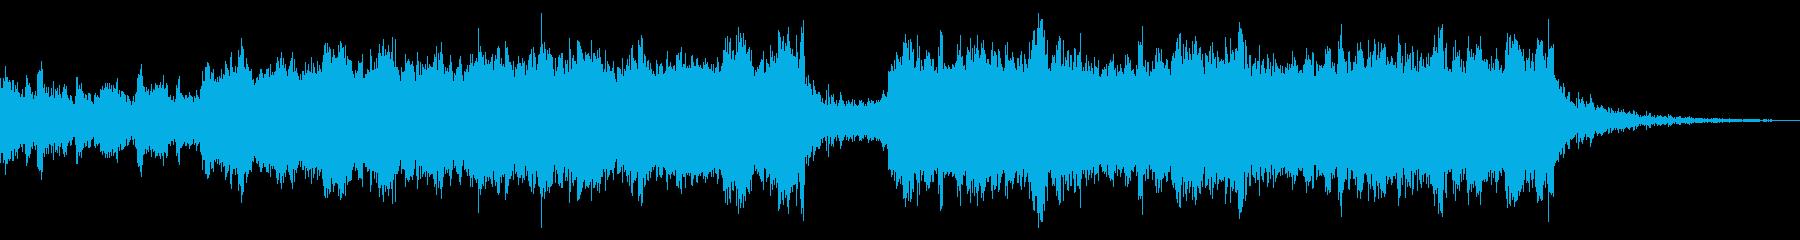 ダークなテーマ曲の再生済みの波形